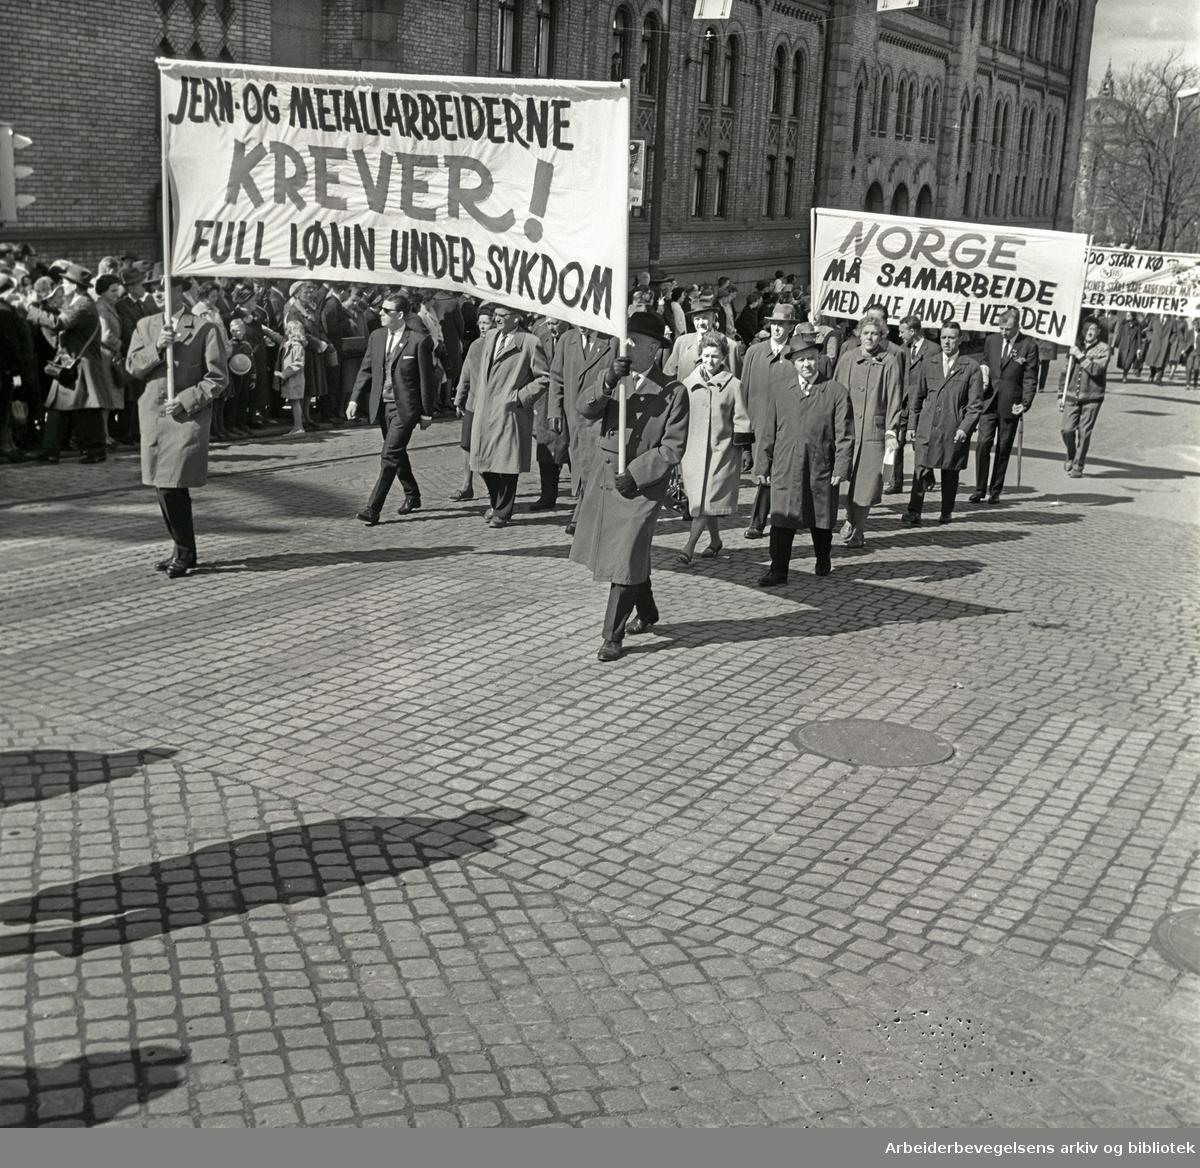 1. mai 1964 i Oslo.Demonstrasjonstoget i Karl Johans gate.Parole: Jern og metallarbeiderne krever!.Full lønn under sykdom.Parole: Norge må samarbeide med alle land i hele verden